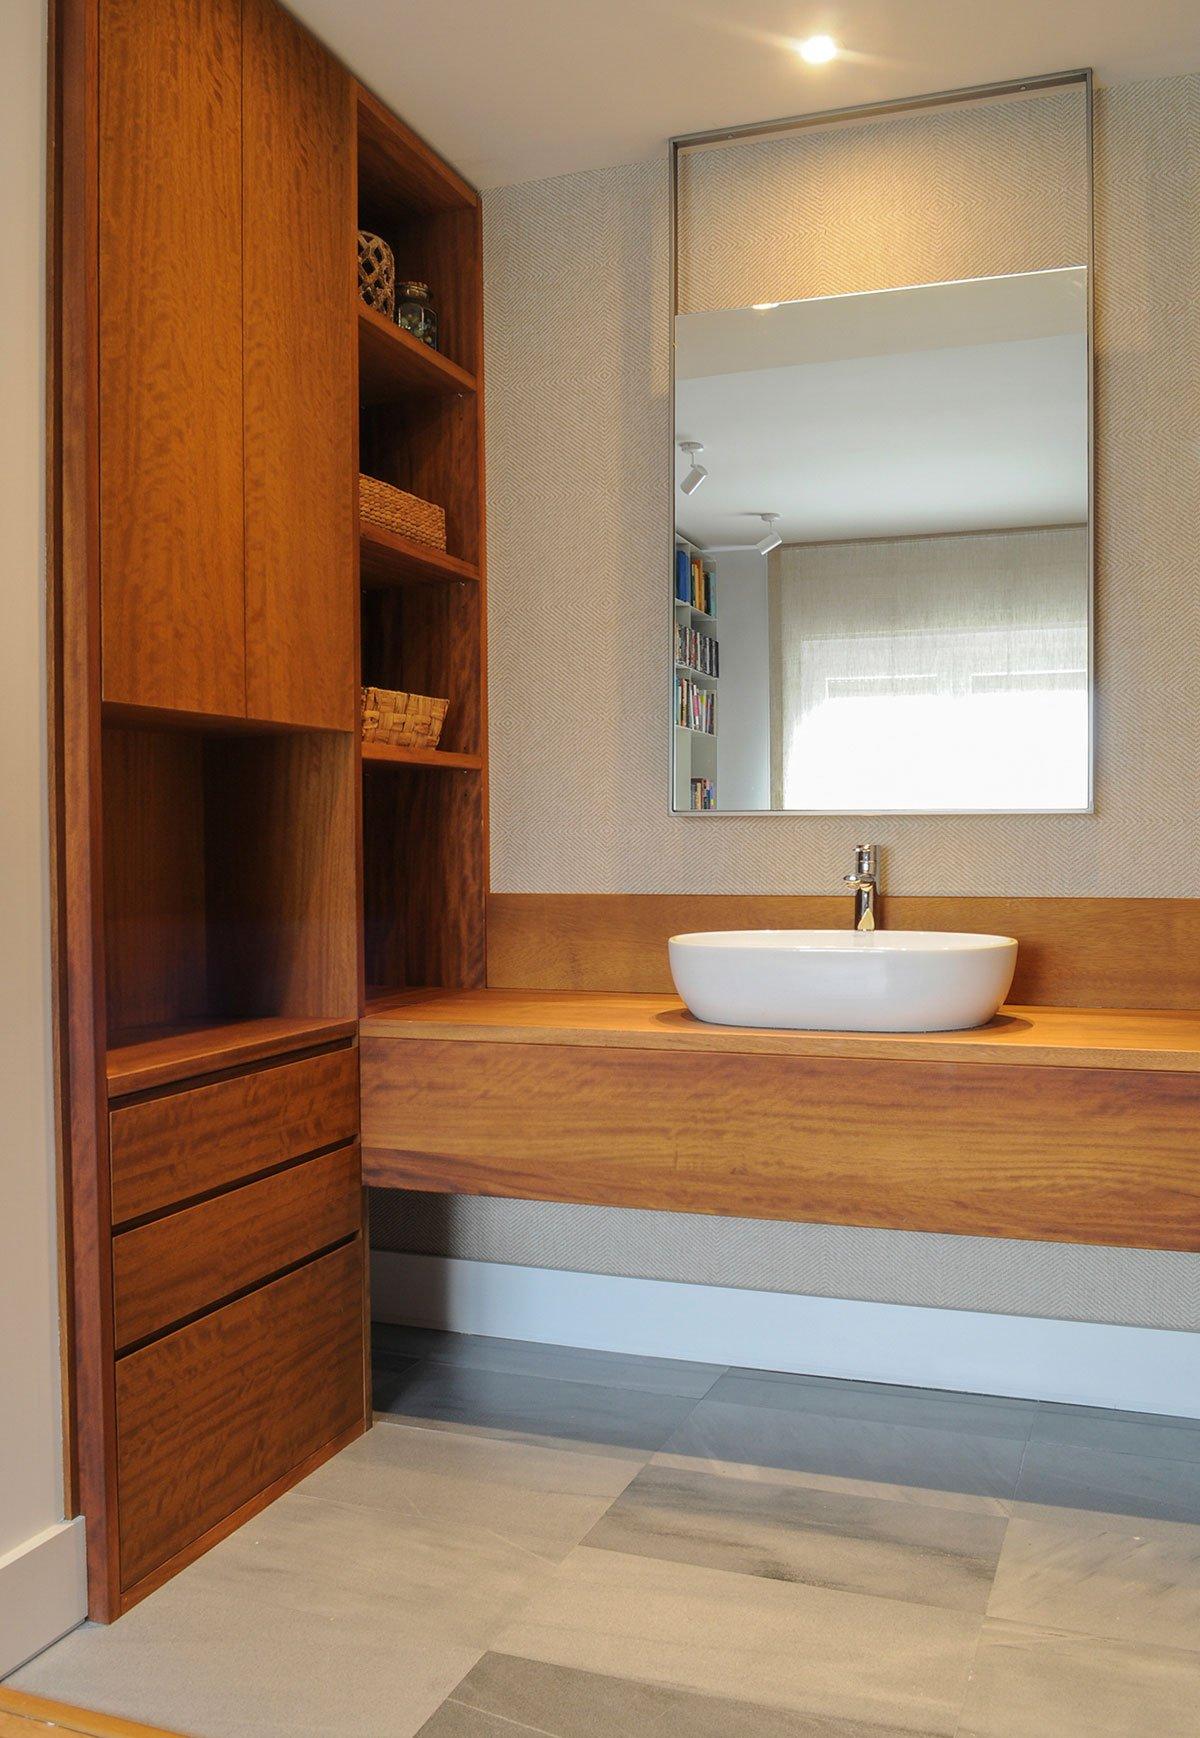 Baño en madera